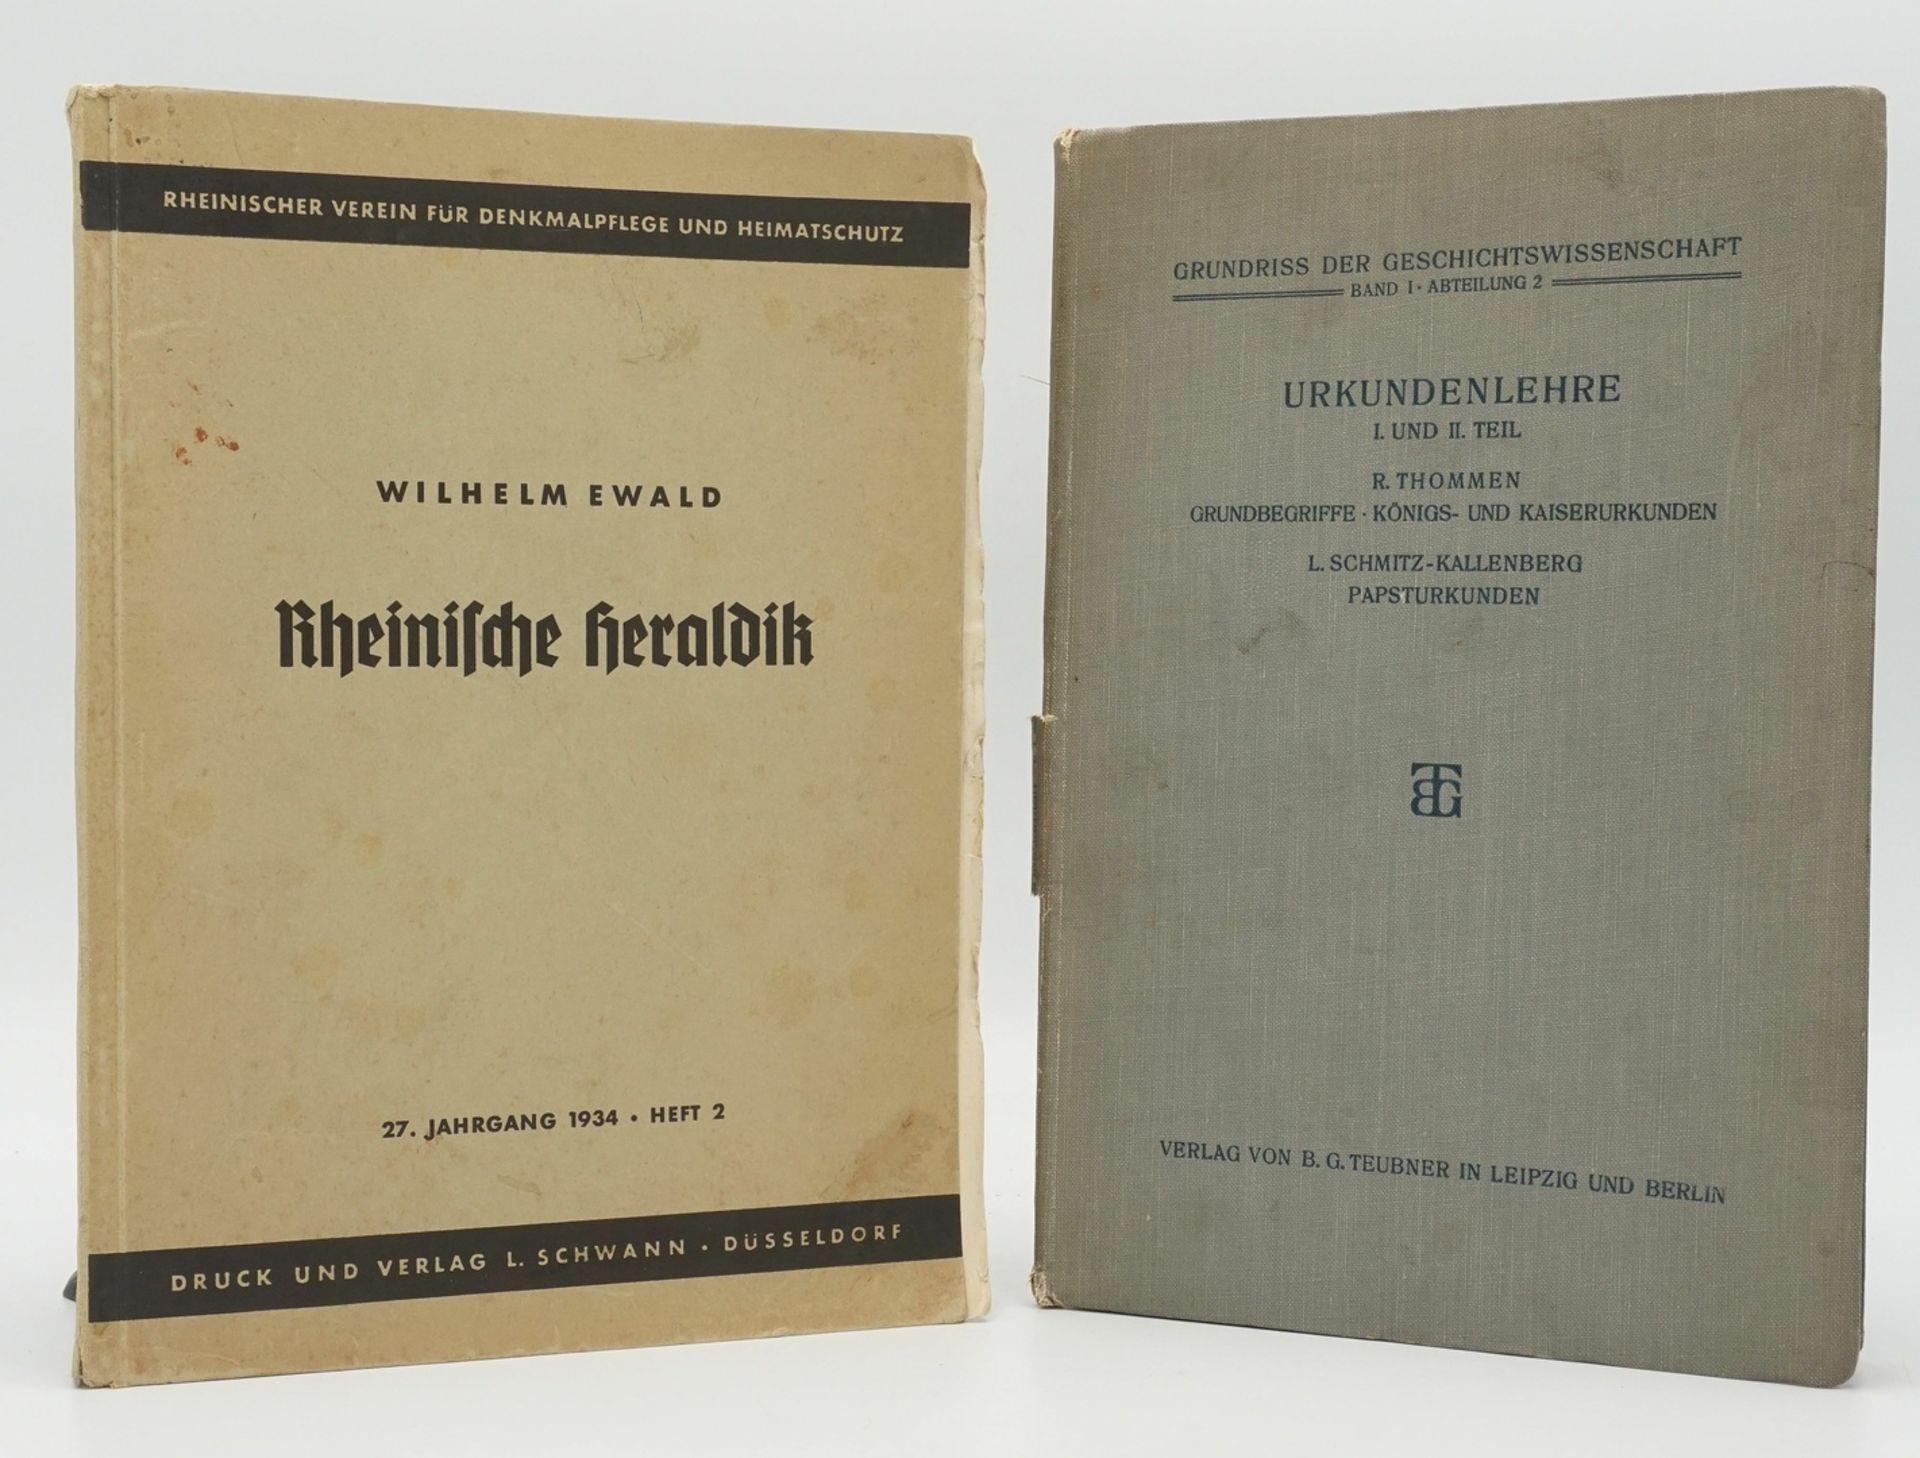 Rheinische Heraldik und Urkundenlehre